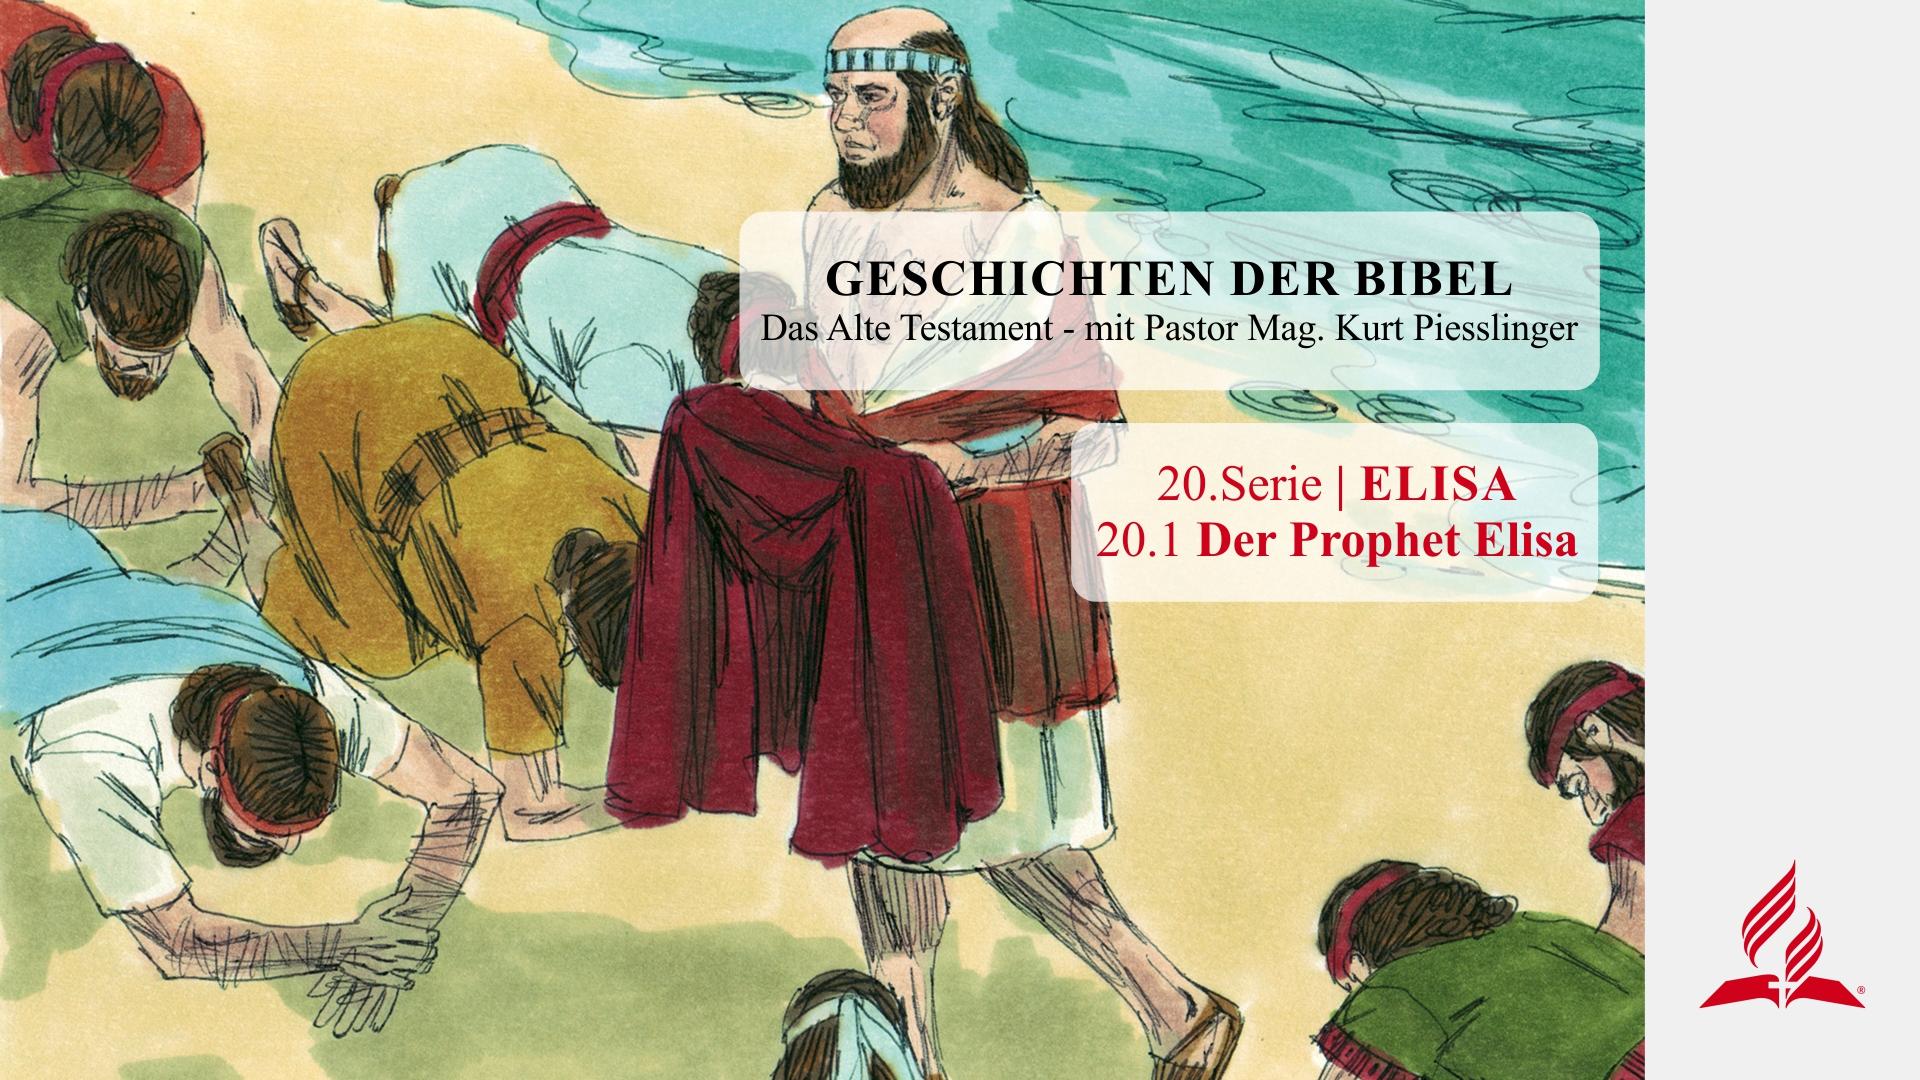 GESCHICHTEN DER BIBEL : 20.1 Der Prophet Elisa – 20.ELISA | Pastor Mag. Kurt Piesslinger